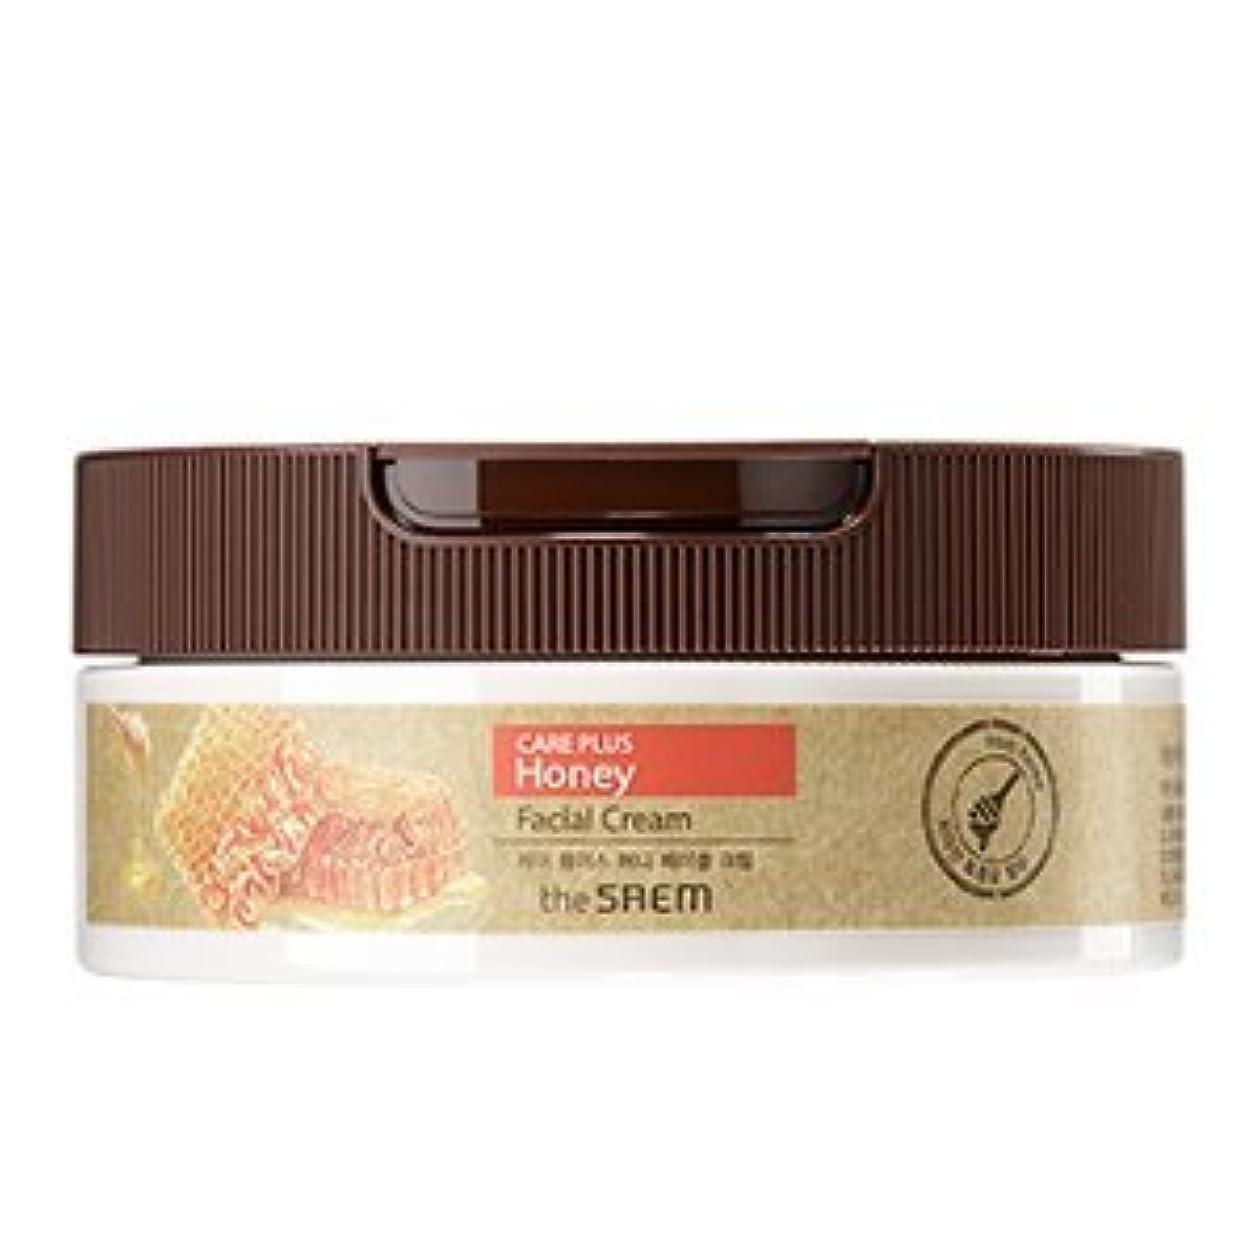 ジーンズ素晴らしき強要the SAEM Care Plus Honey Facial Cream 200ml/ザセム ケア プラス ハニー フェイシャル クリーム 200ml [並行輸入品]